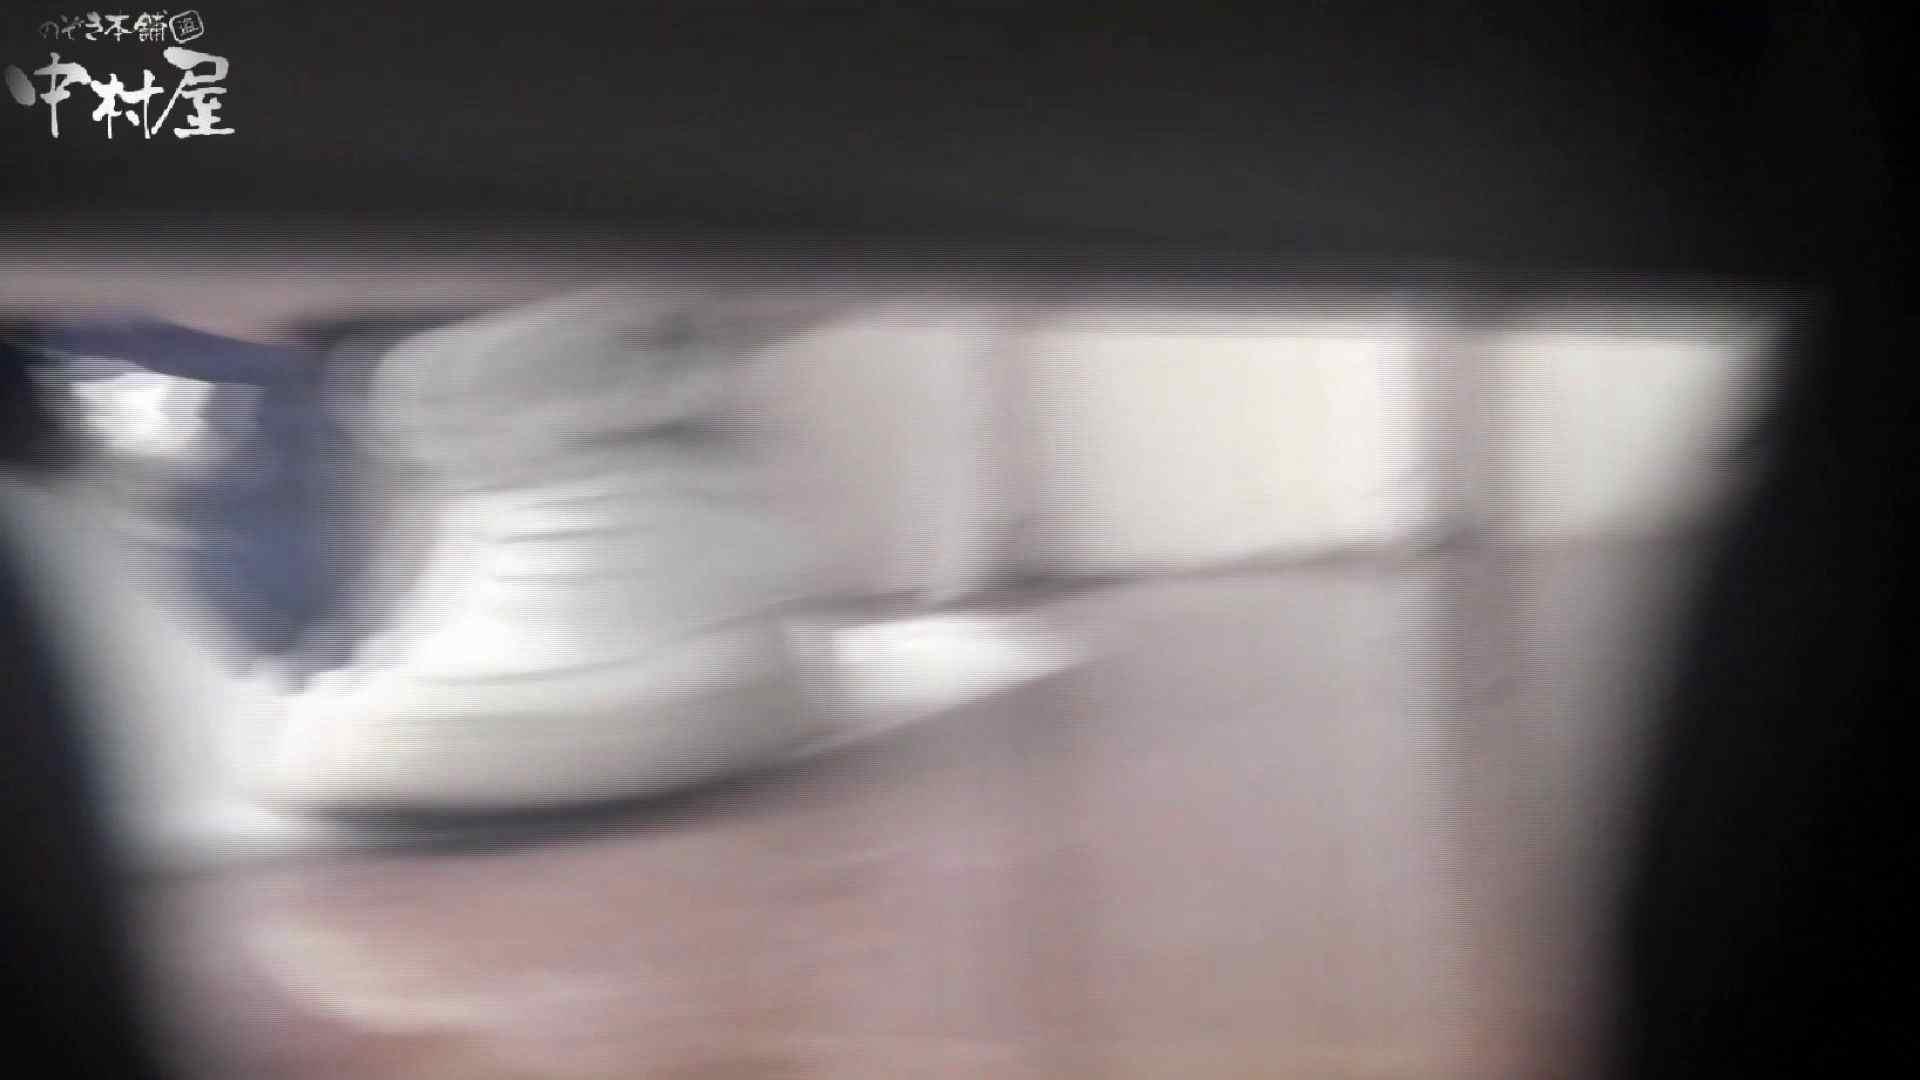 【世界の射窓から~ステーション編~】ステーション編 vol50あの日の子が重なりナプキンがすごいことに ナプキン | OLエロ画像  88PICs 31